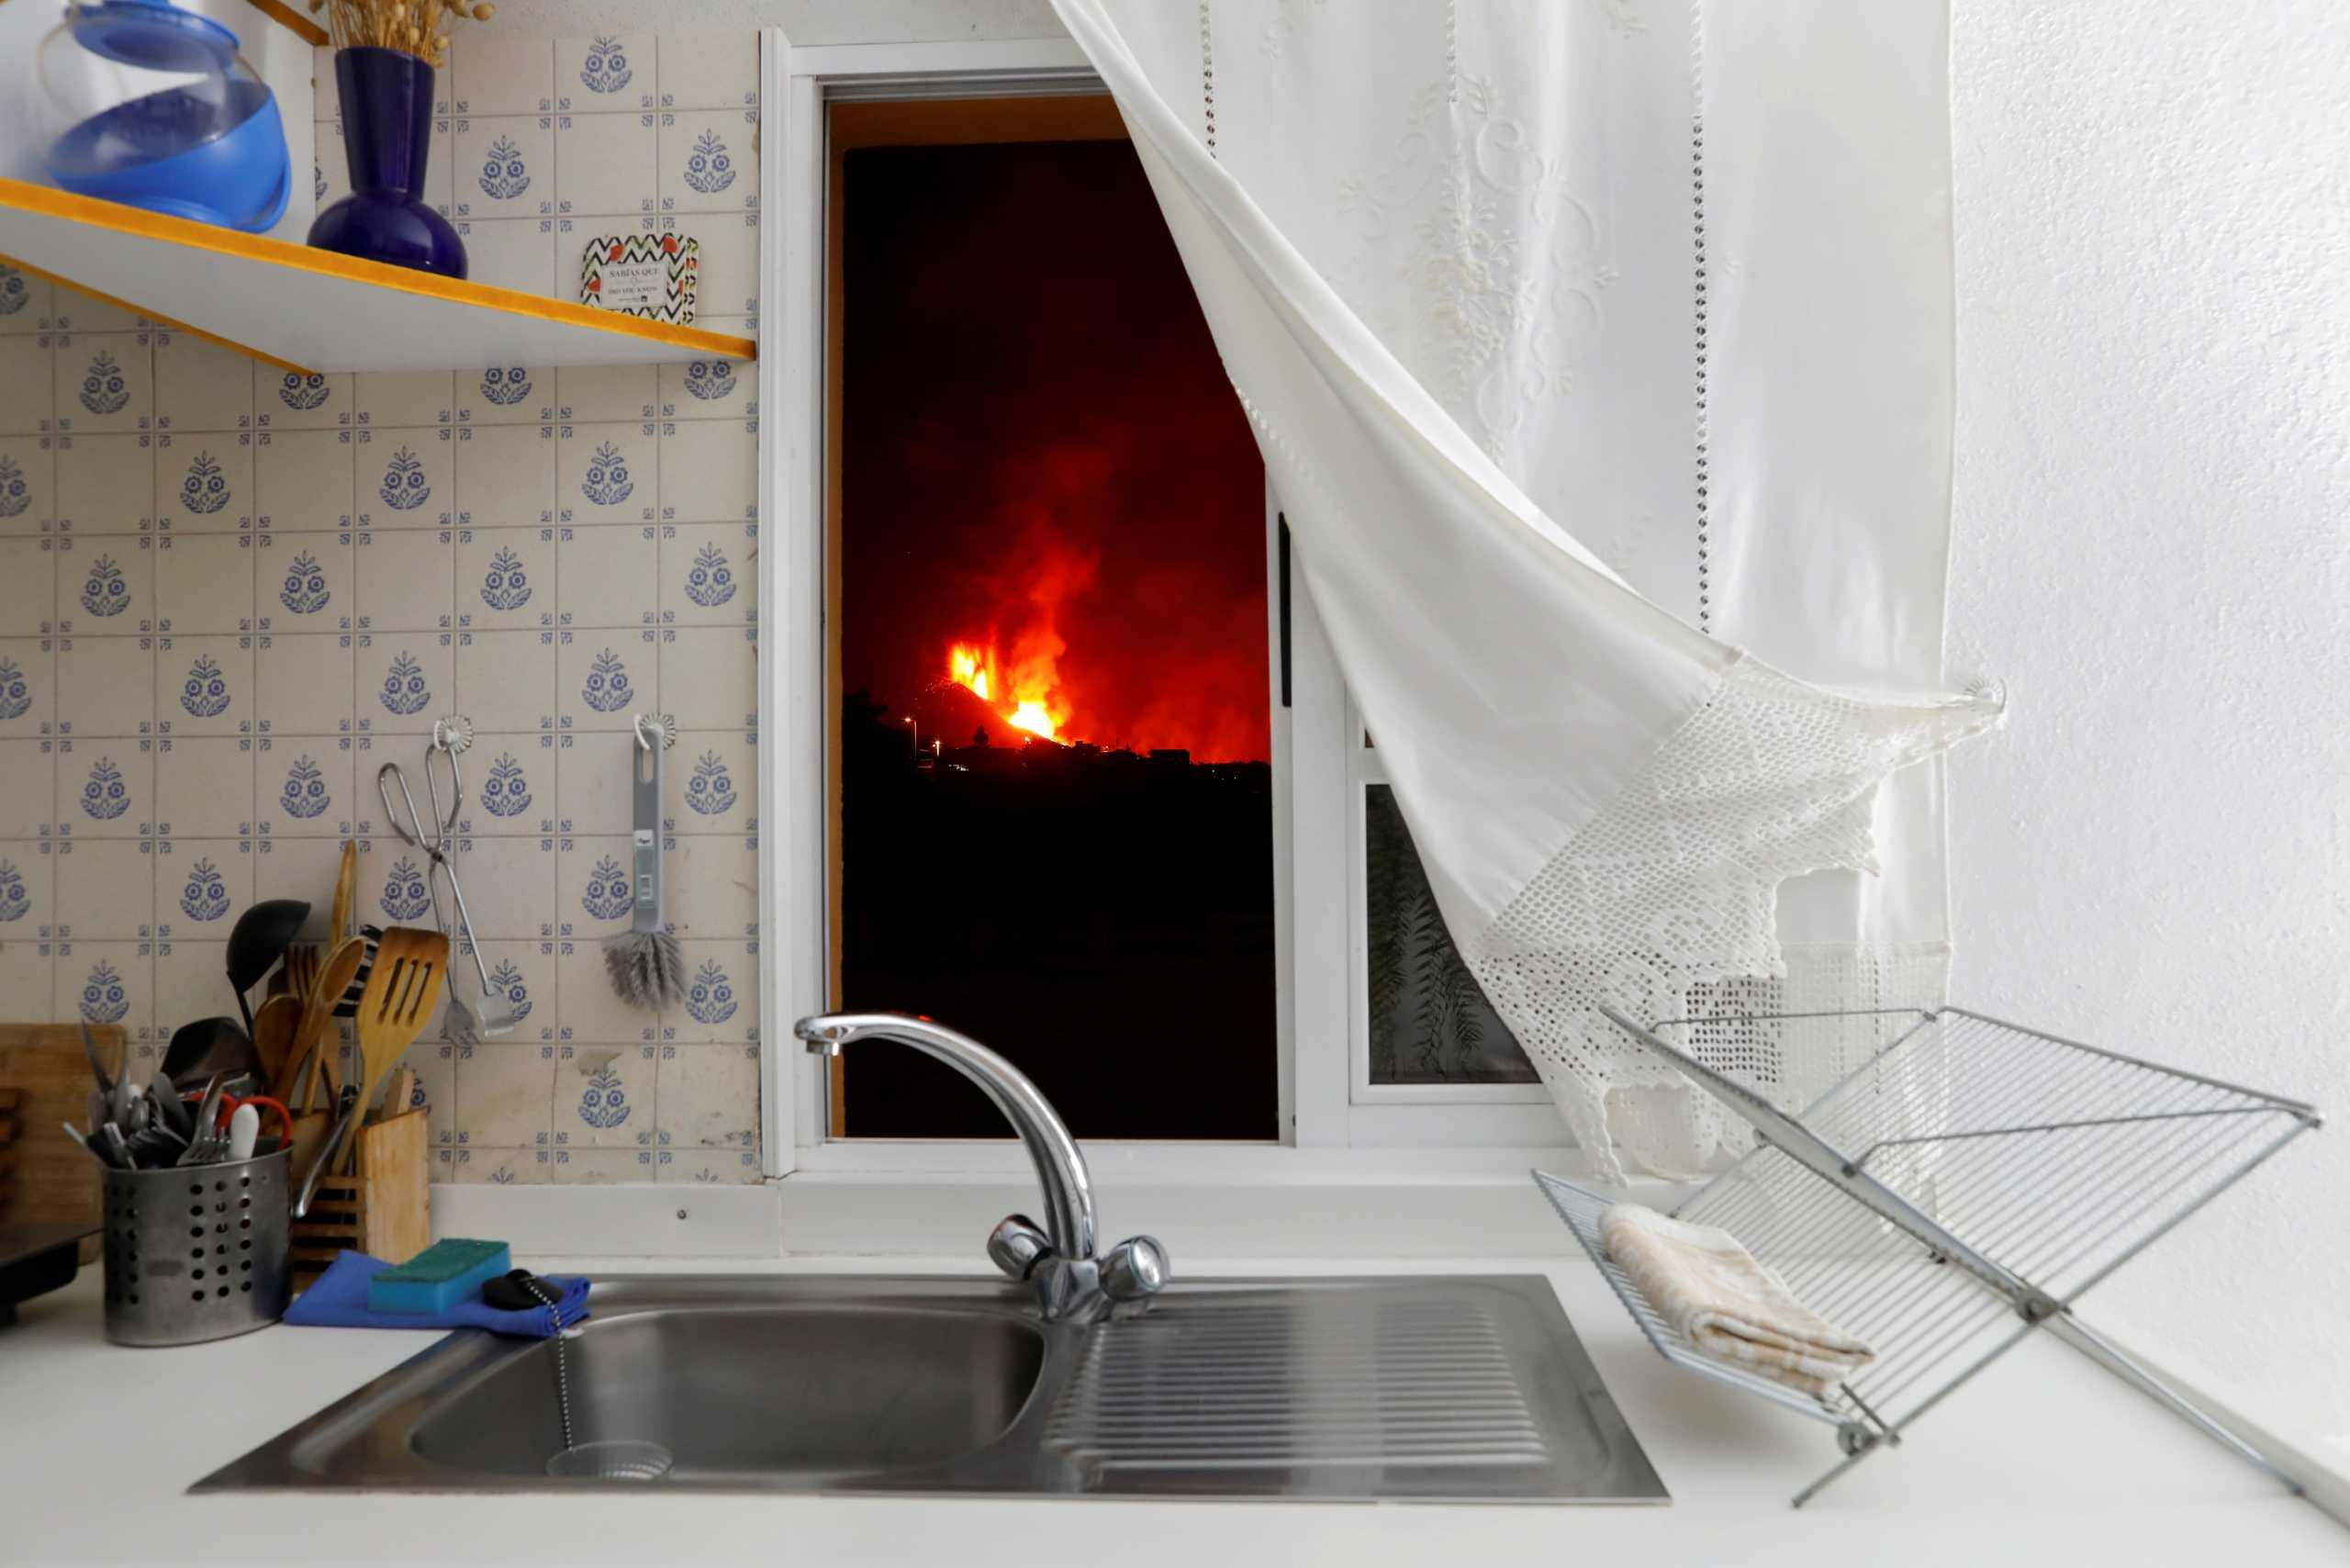 Ισπανία: Η λάβα του ηφαιστείου πίσω από την κουρτίνα